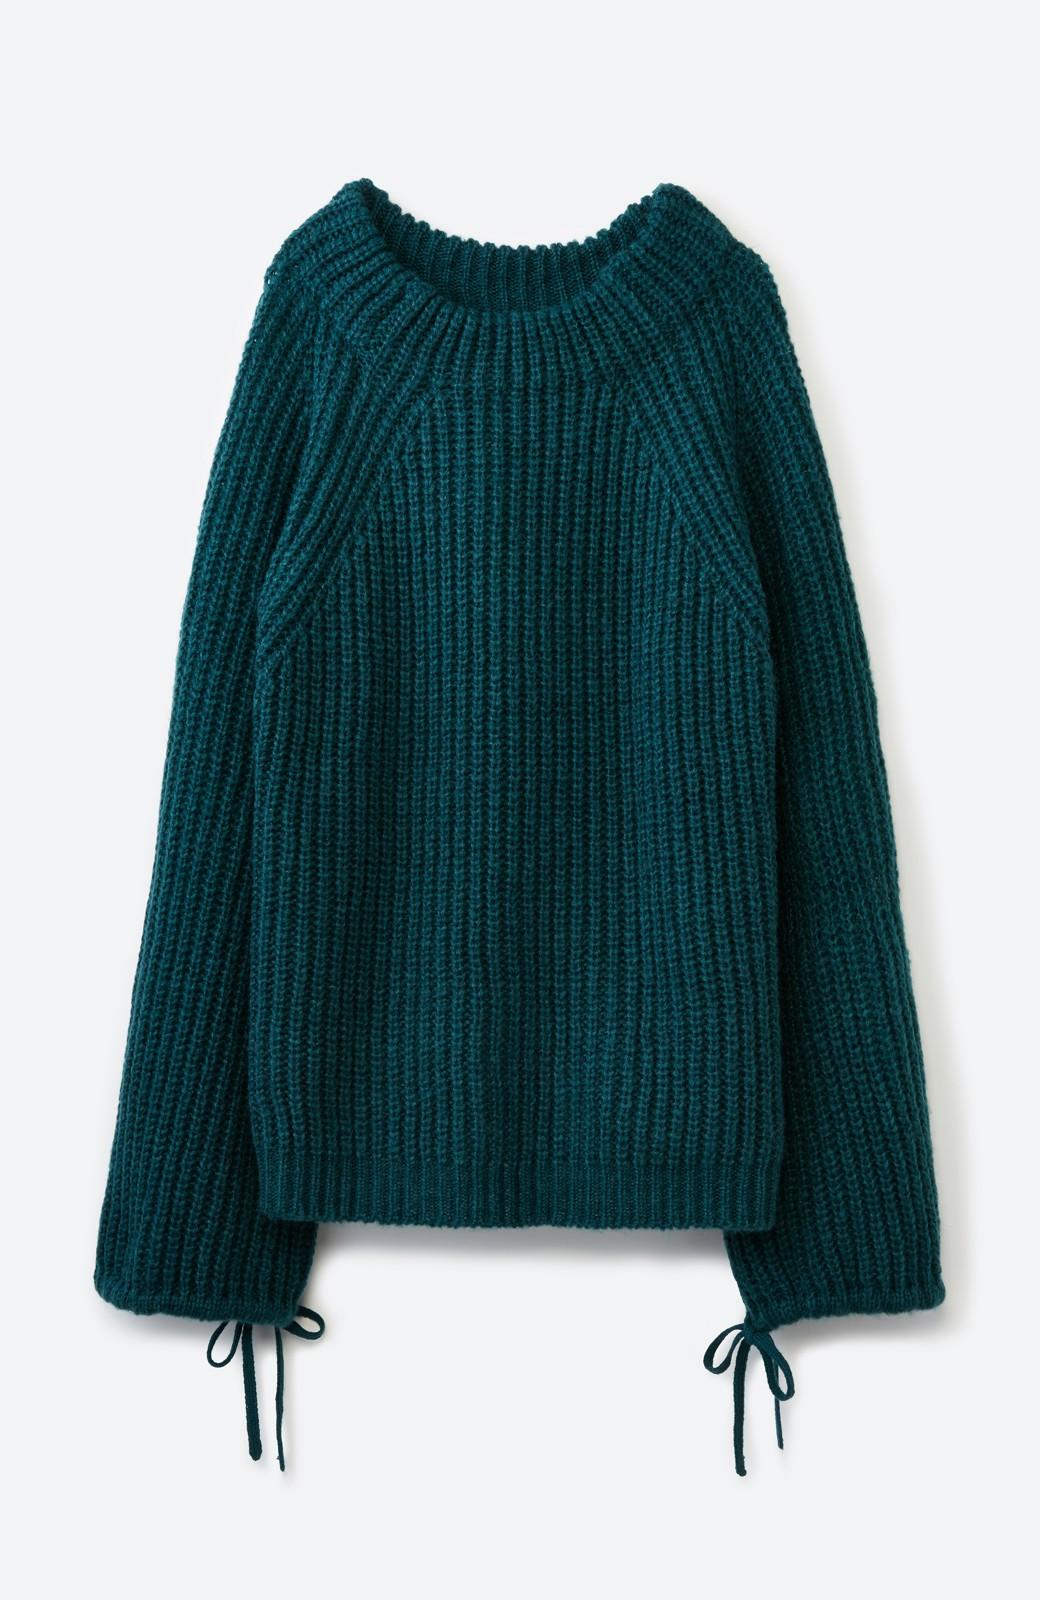 haco! ボリューム感が華奢見せさせる 袖リボンあぜ編みニット <グリーン>の商品写真2